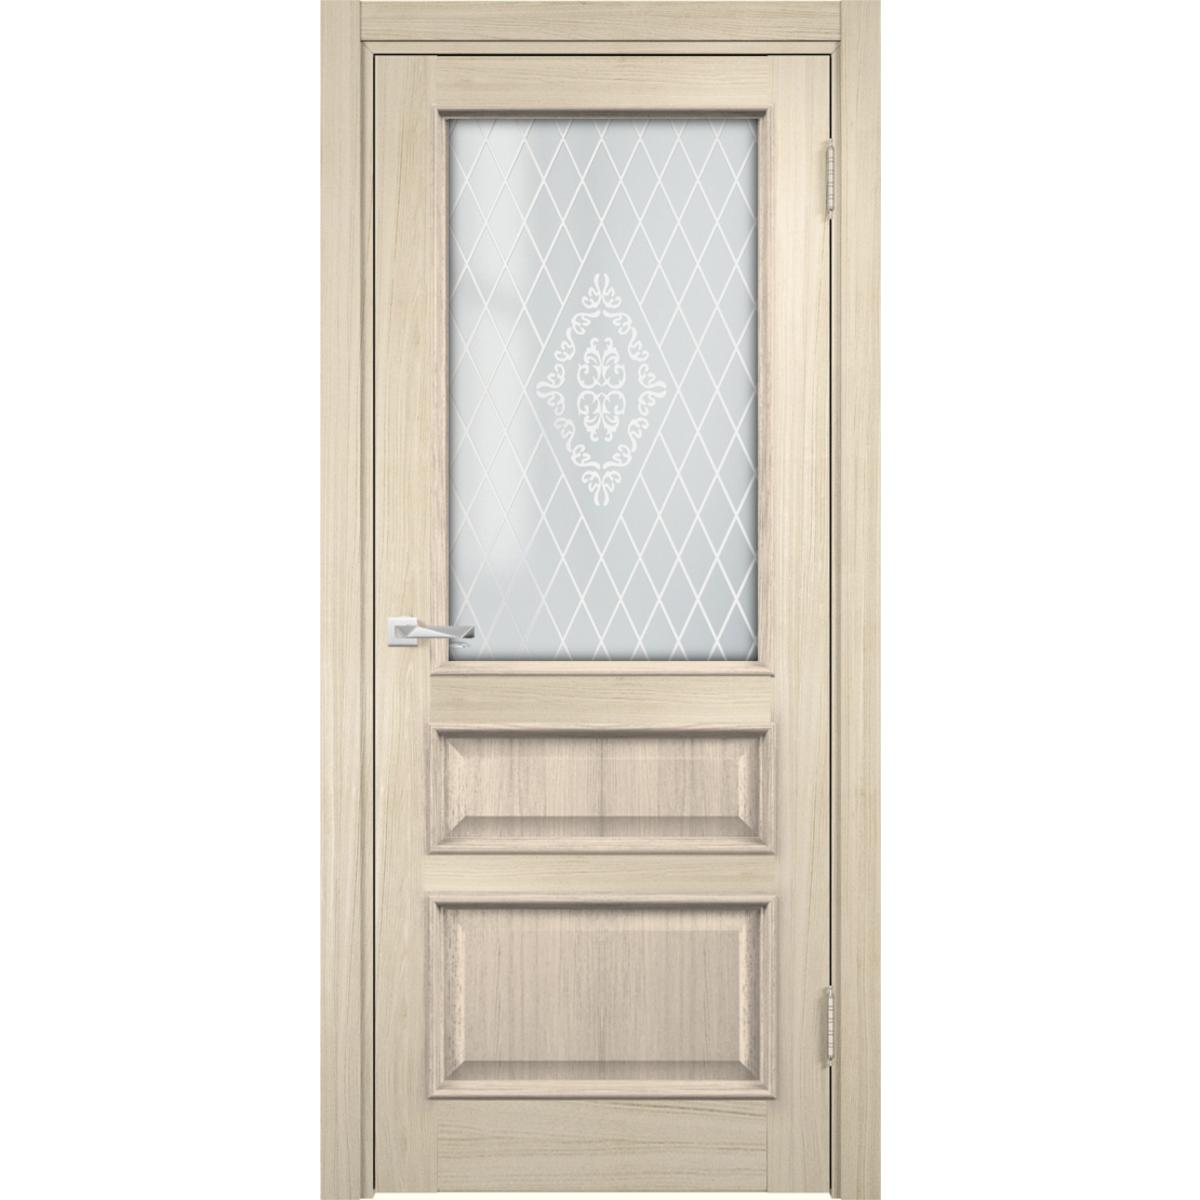 Дверь межкомнатная остеклённая с замком в комплекте Барселона 200x70 см ПВХ цвет дымчатый дуб